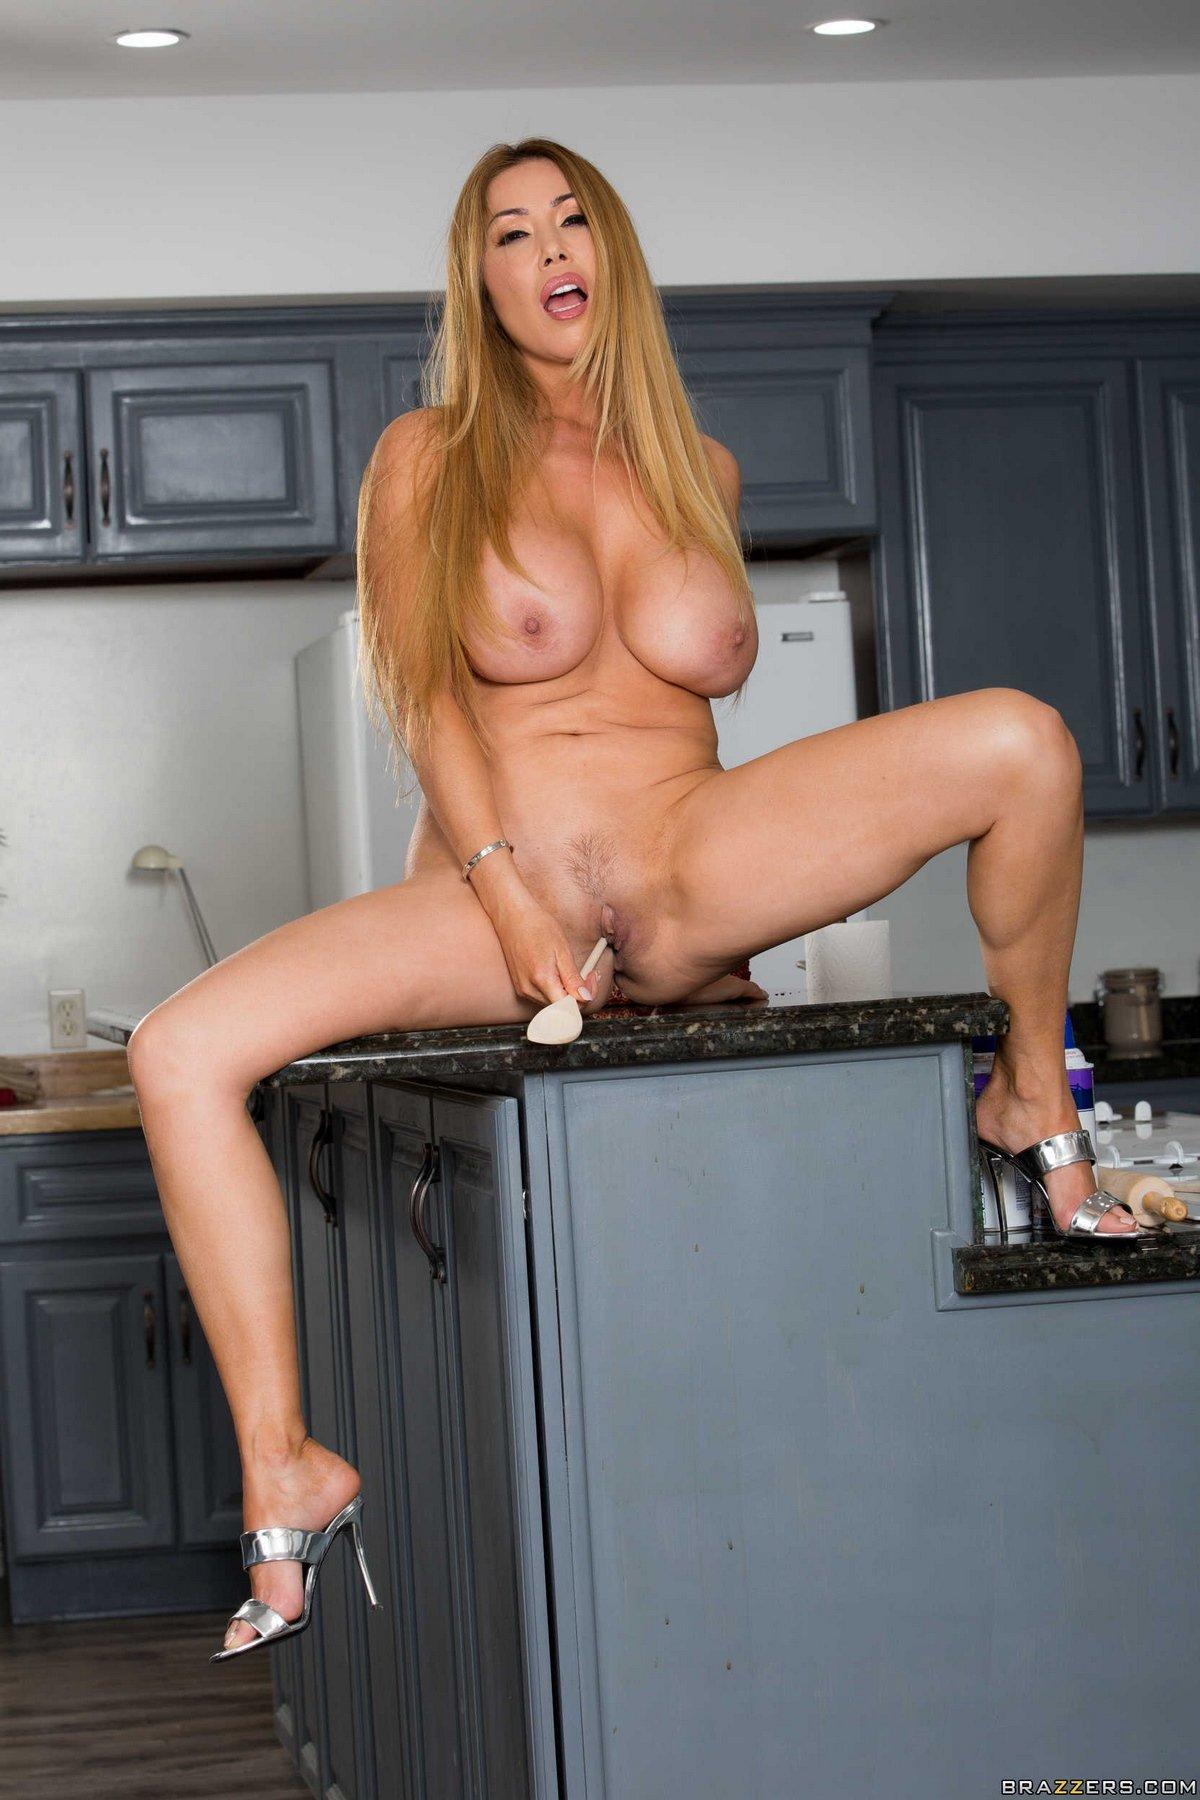 Похотливая блондинка с гигантскими буферами в домашних условиях смотреть эротику